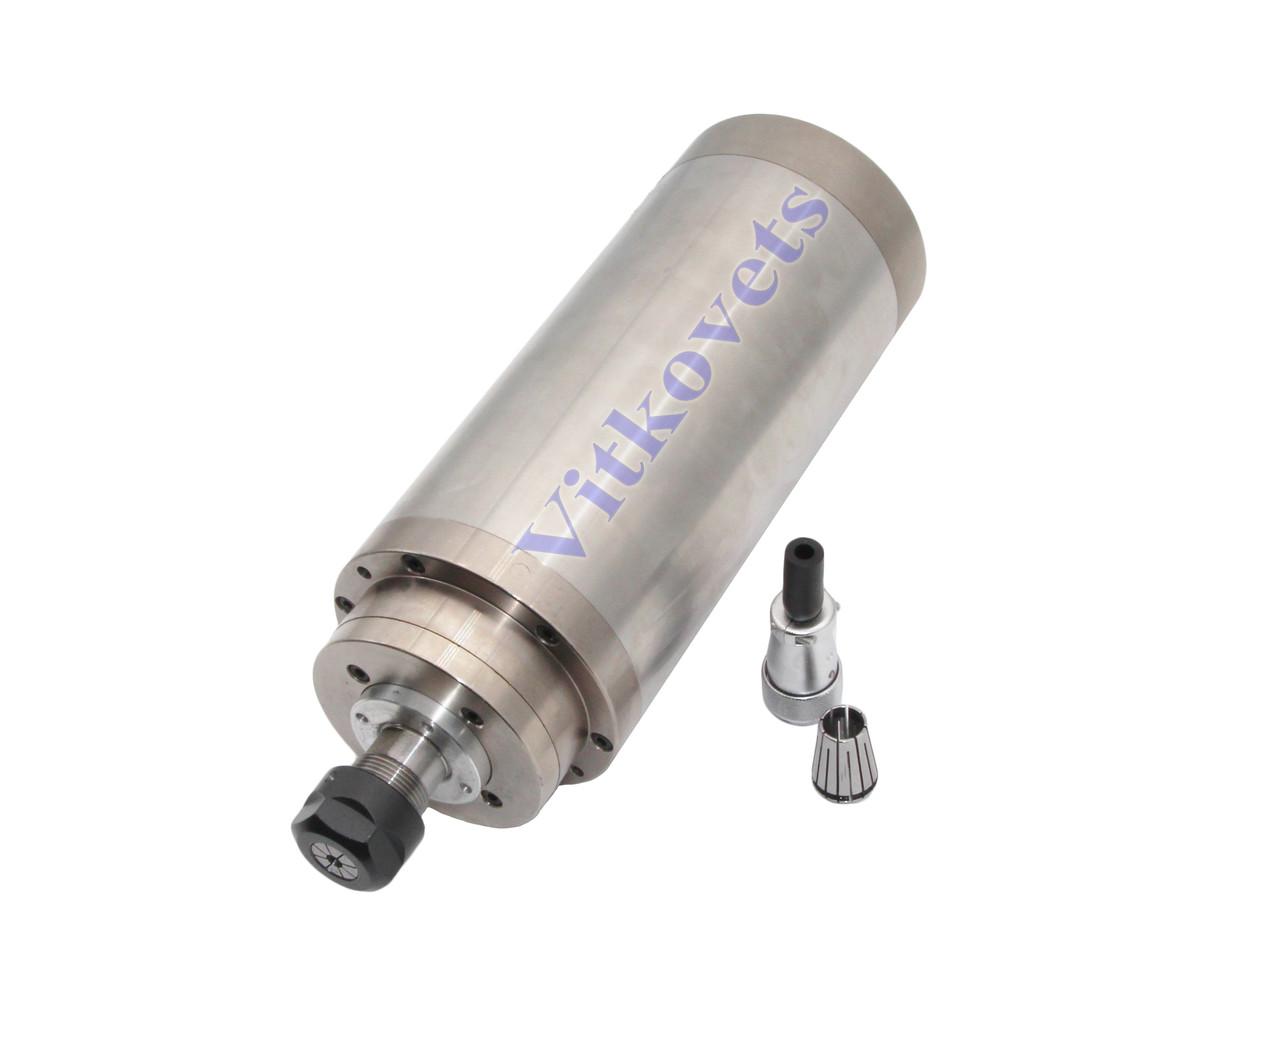 Шпиндель для ЧПУ 3,2 kw ER20 100мм водяное охлаждение